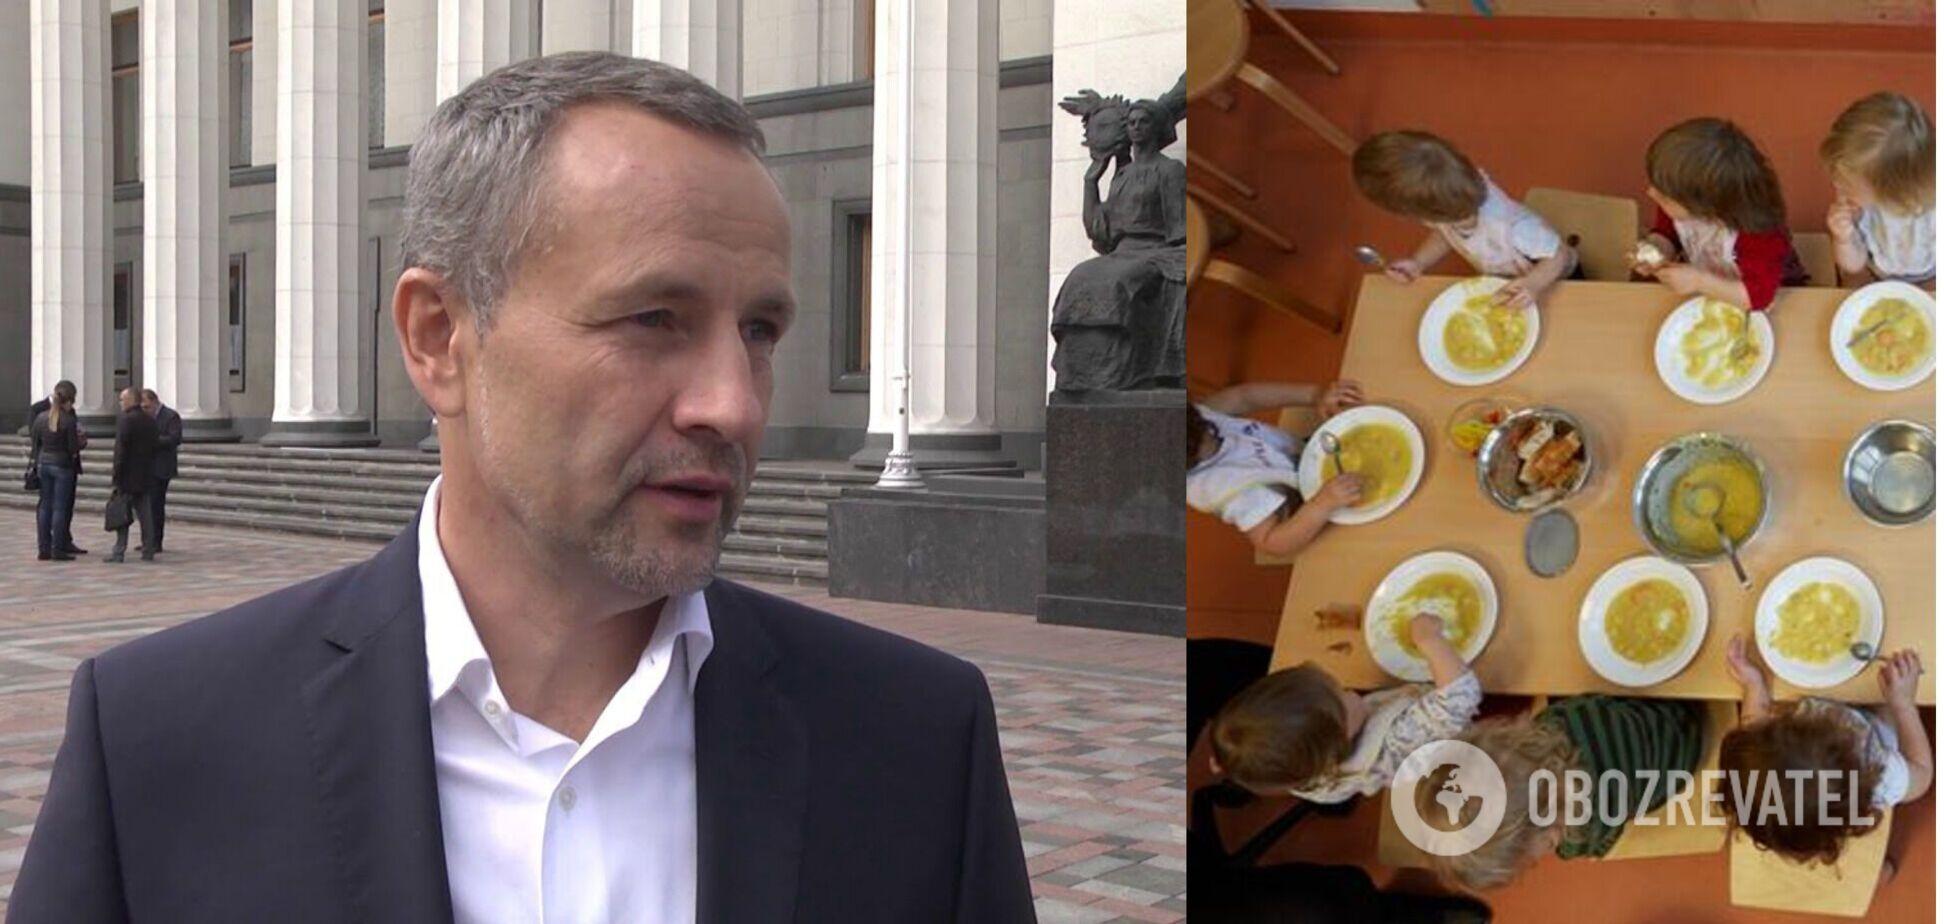 Детсады Херсона остались без продуктов из-за мэра – СМИ